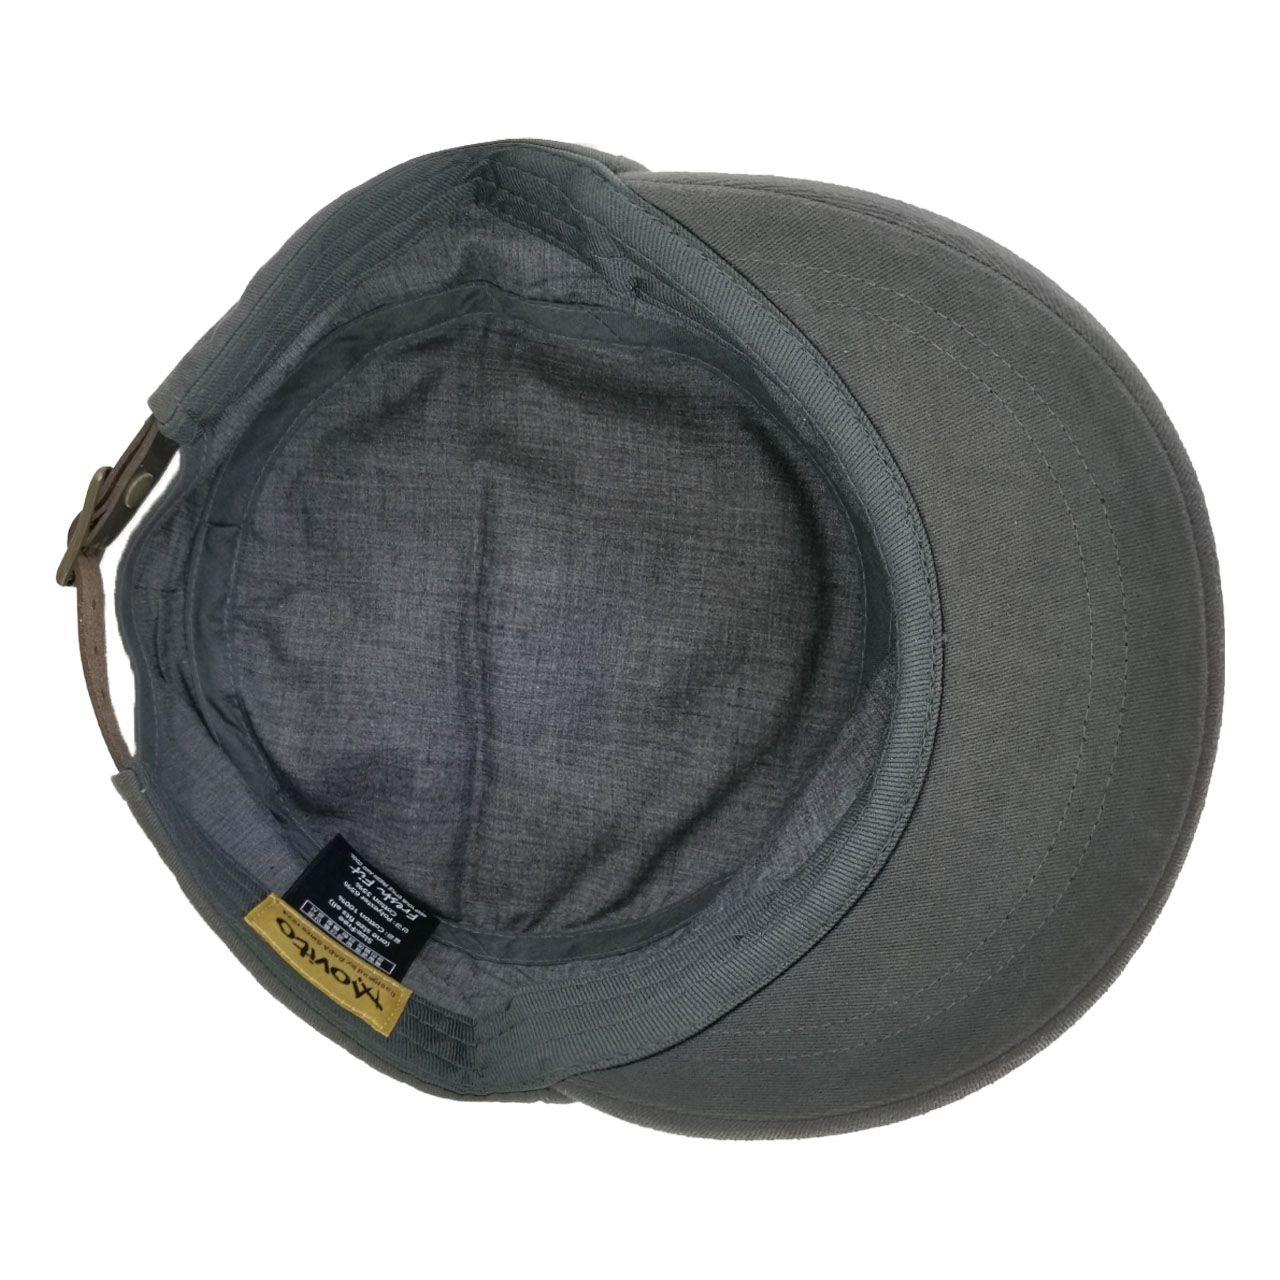 کلاه کپ موویتو کد mn381 -  - 5